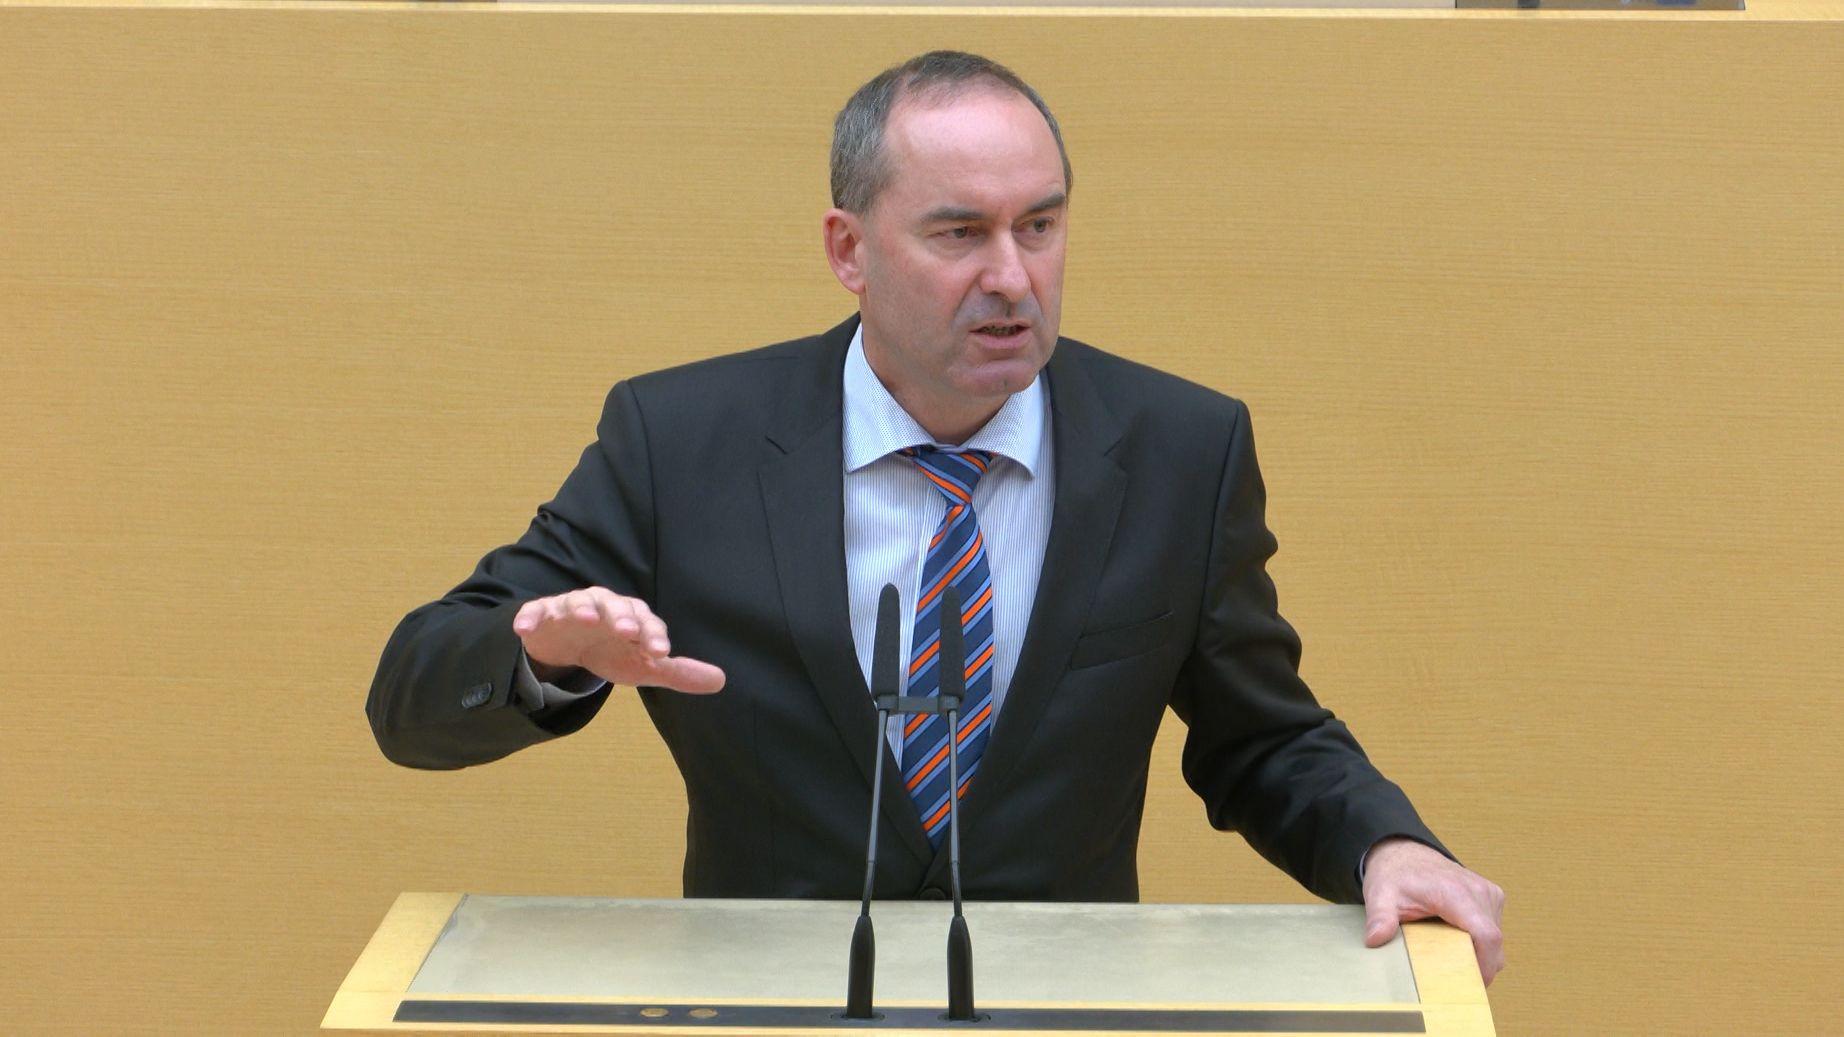 Hubert Aiwanger im bayerischen Landtag